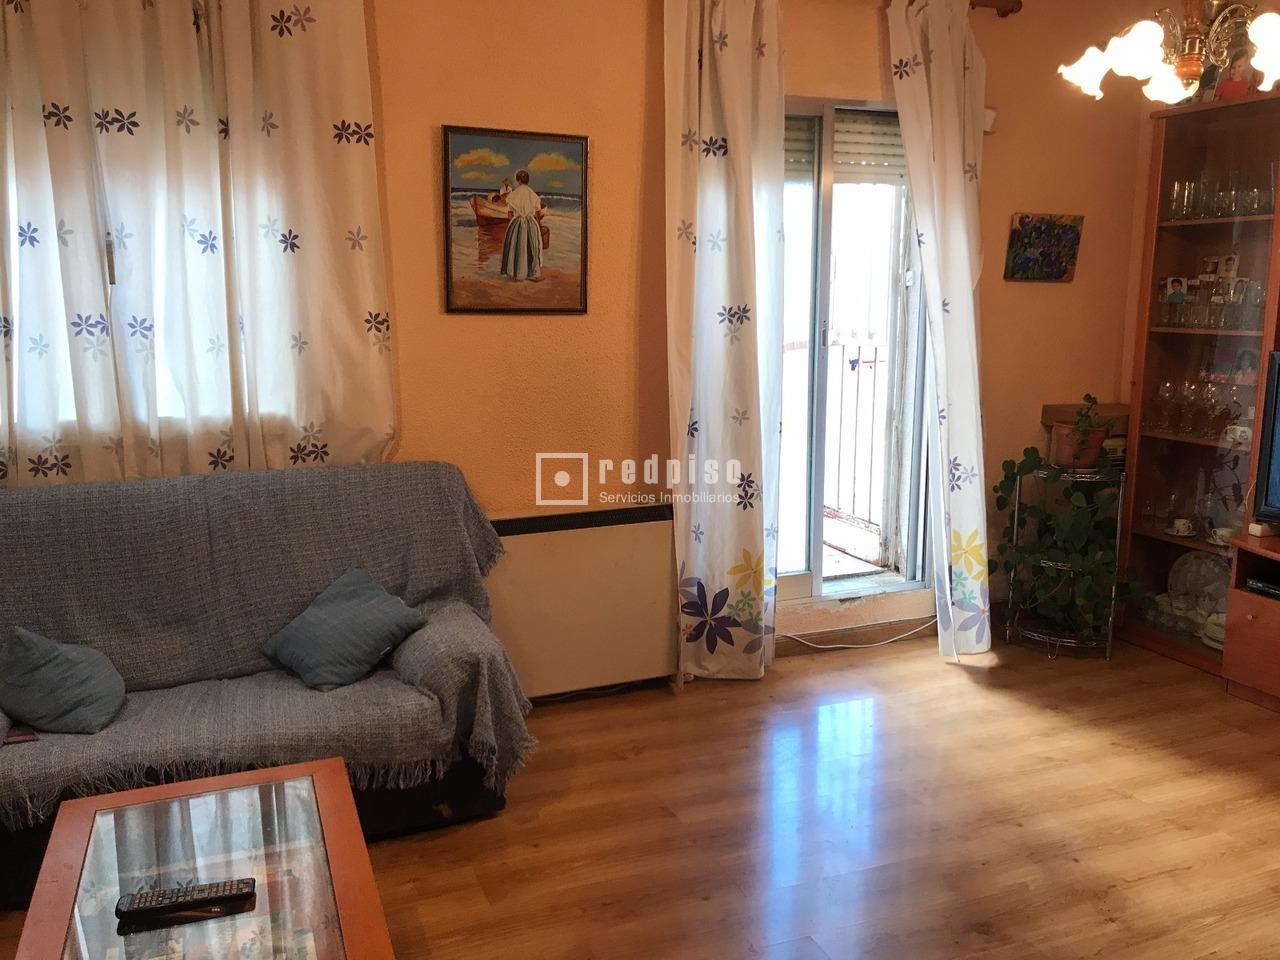 Pisos en ocaa baratos awesome piso en calle fray diego de ocaa with pisos en ocaa baratos - Alquiler de pisos en leganes baratos ...